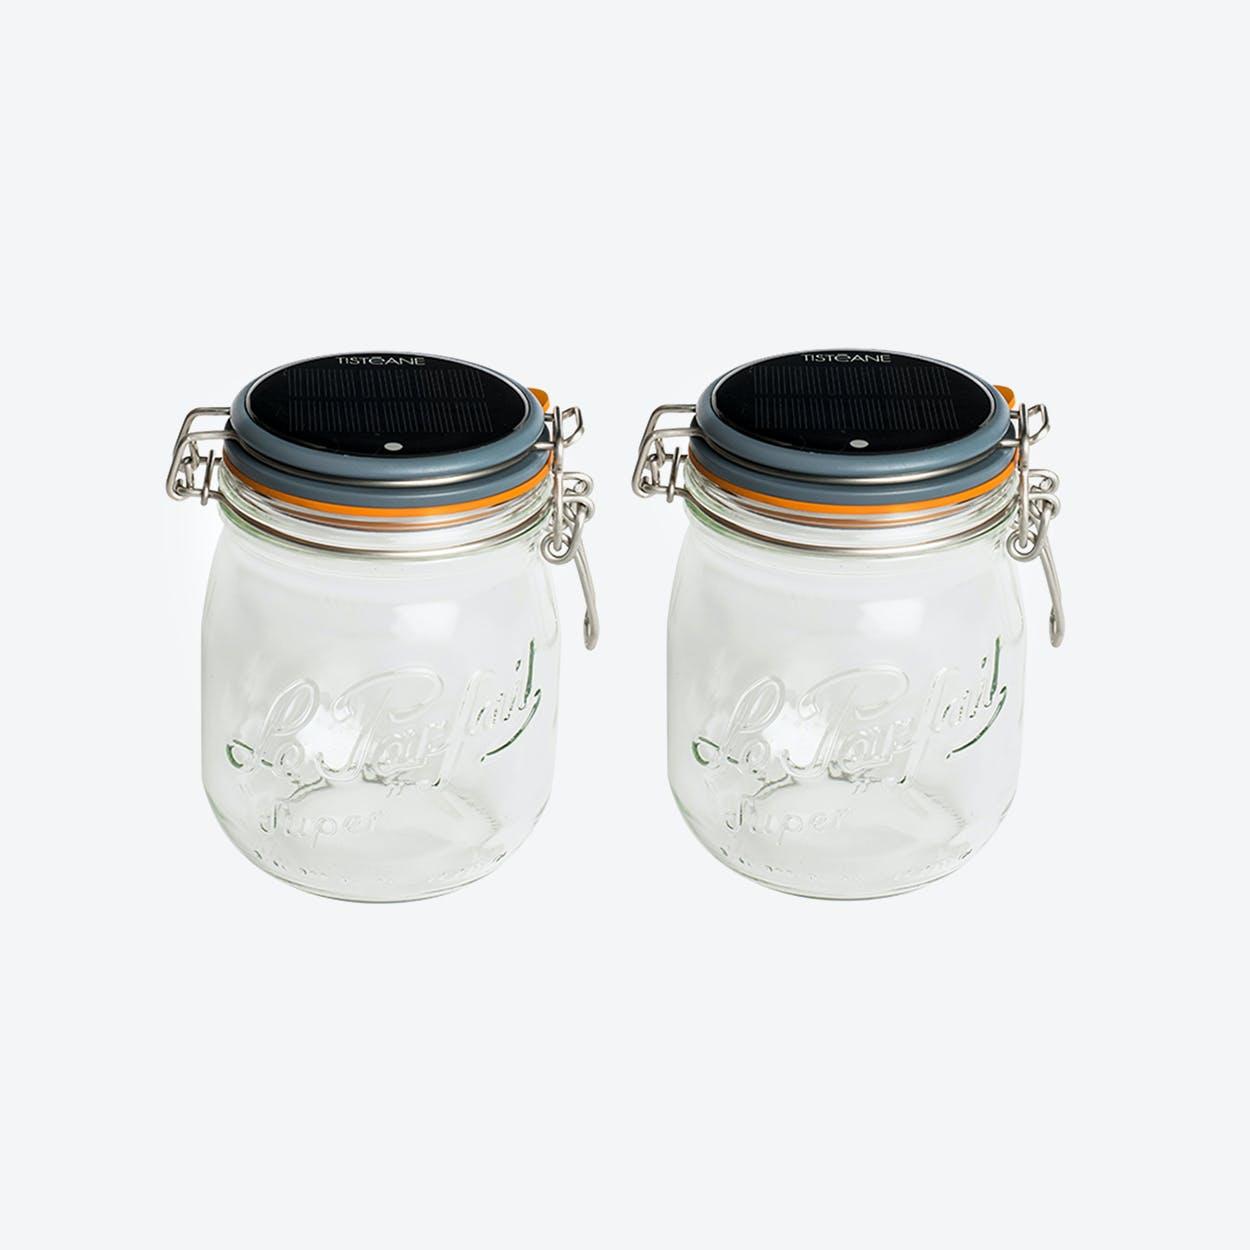 Solar Lamps - Set of 2 Glasses Lucioles Le Moyen Parfait Solaire Grey